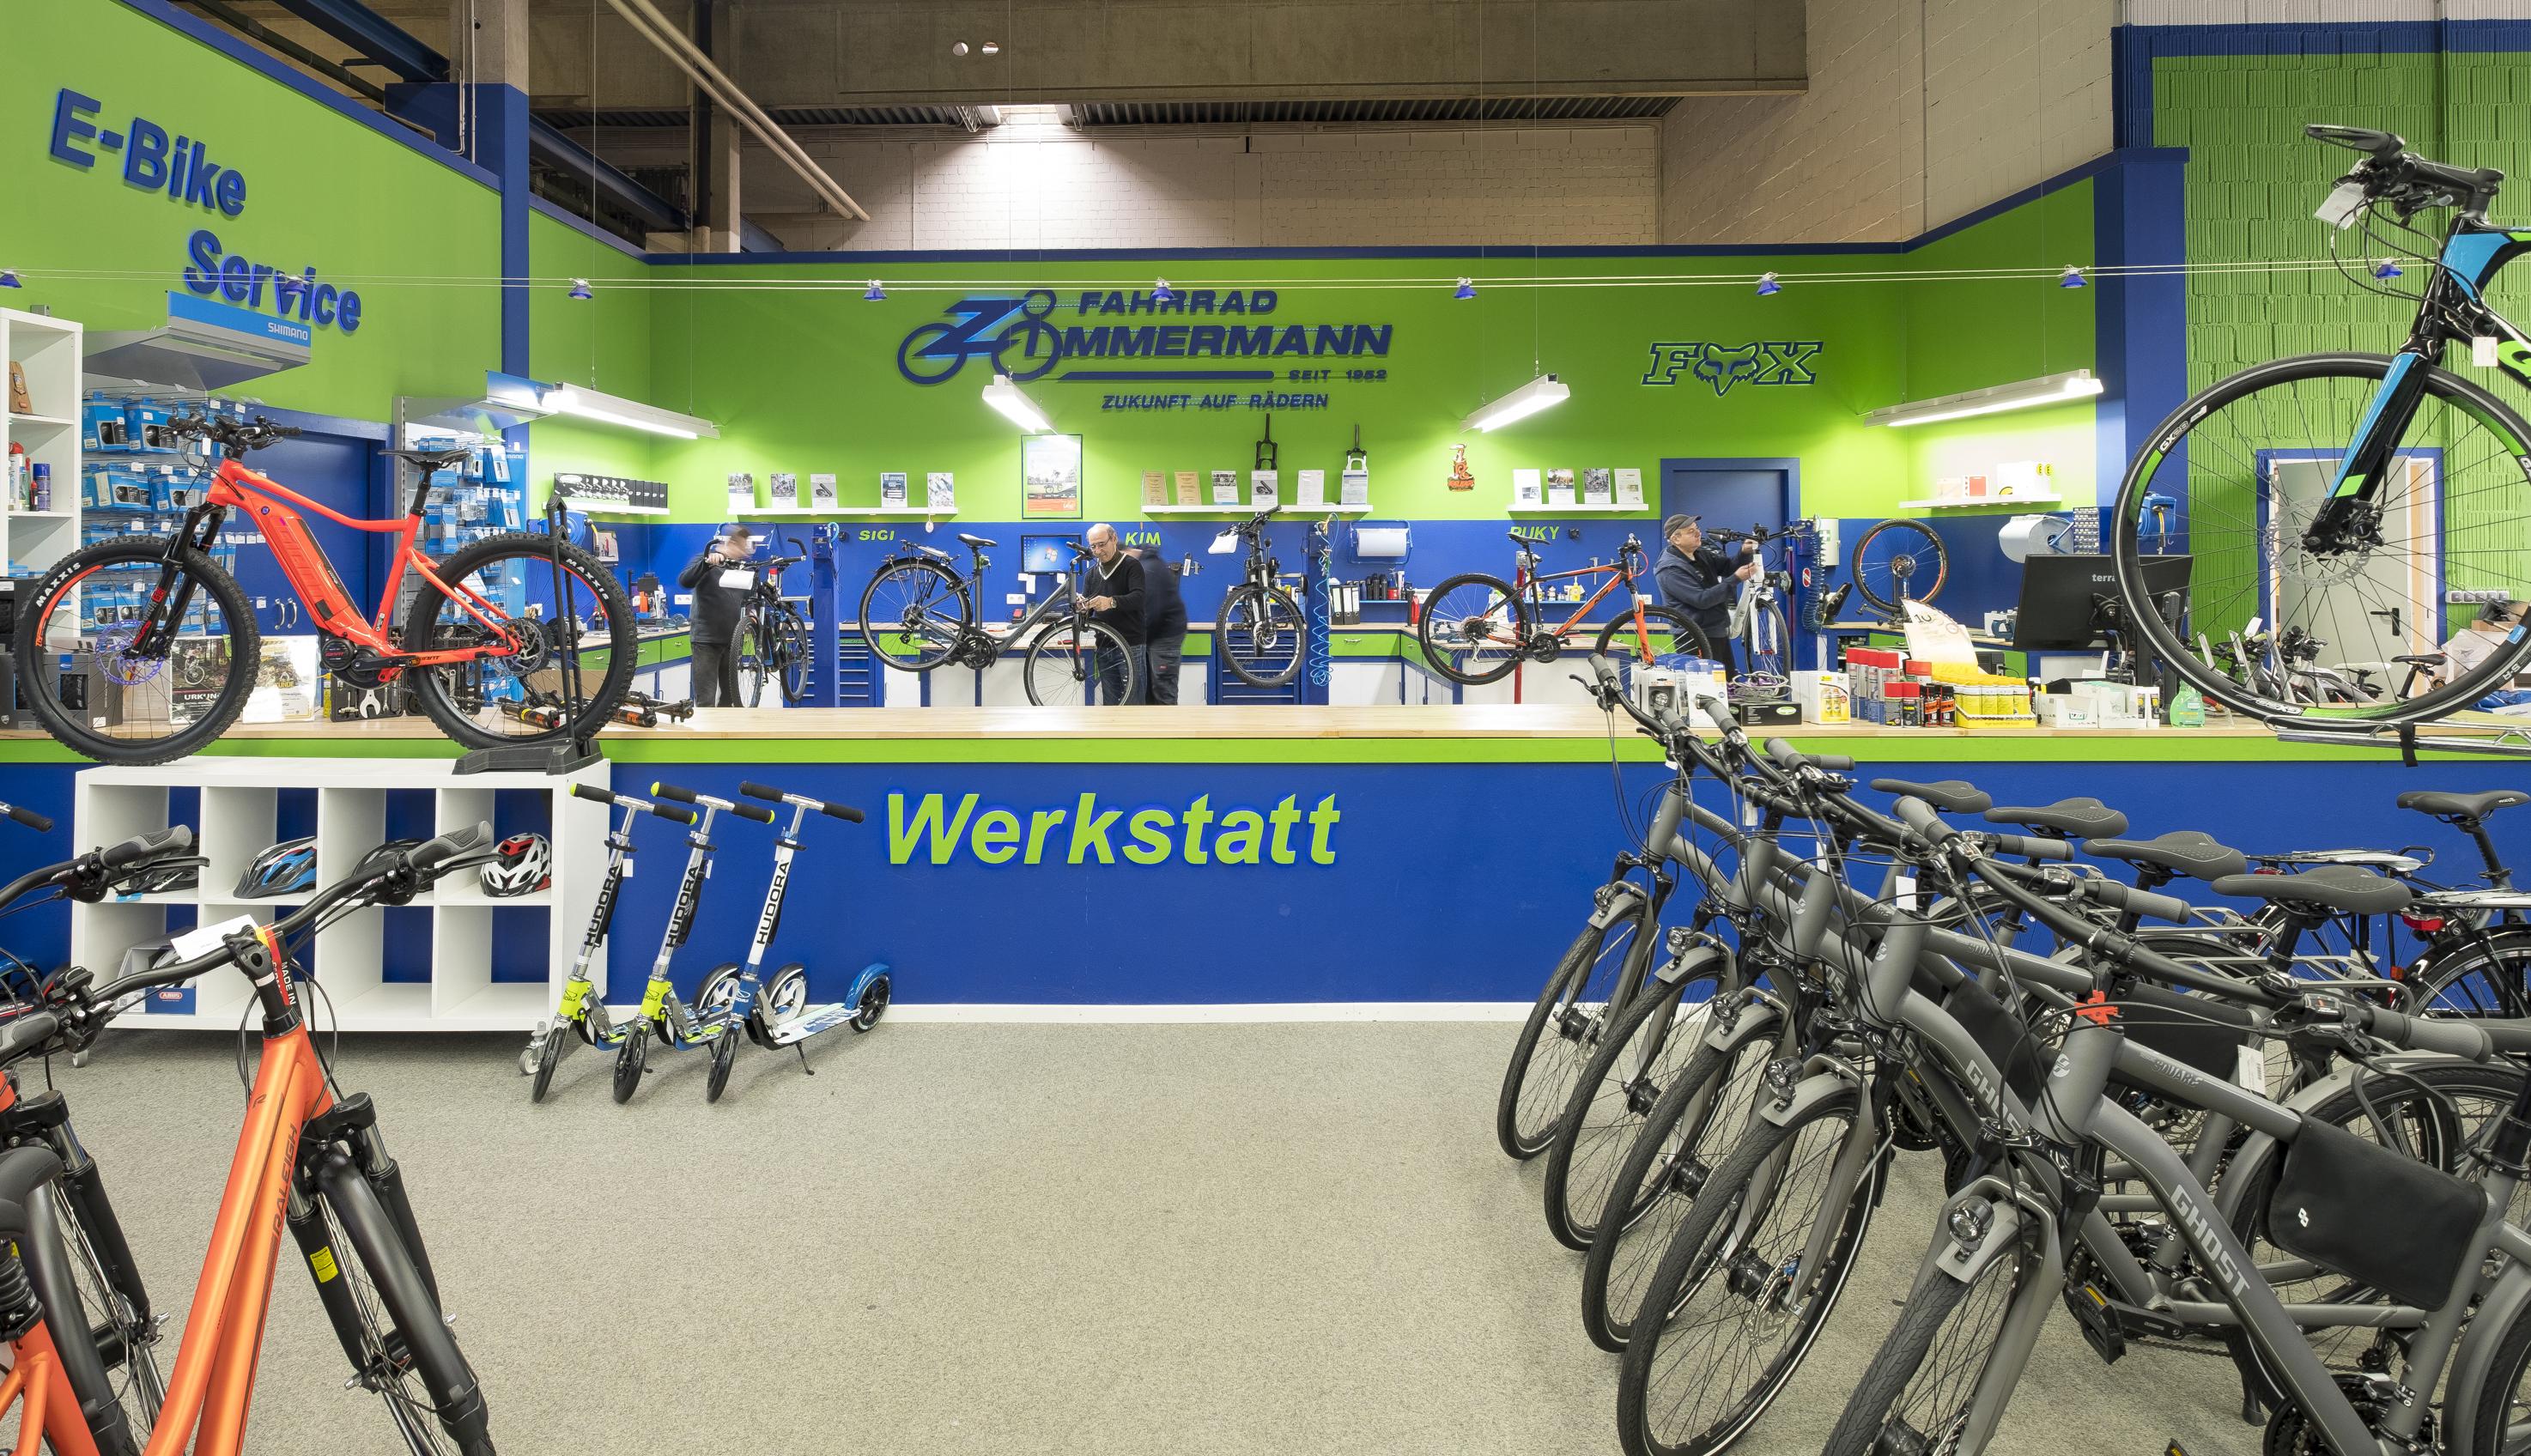 fahrräder kaufen münchen